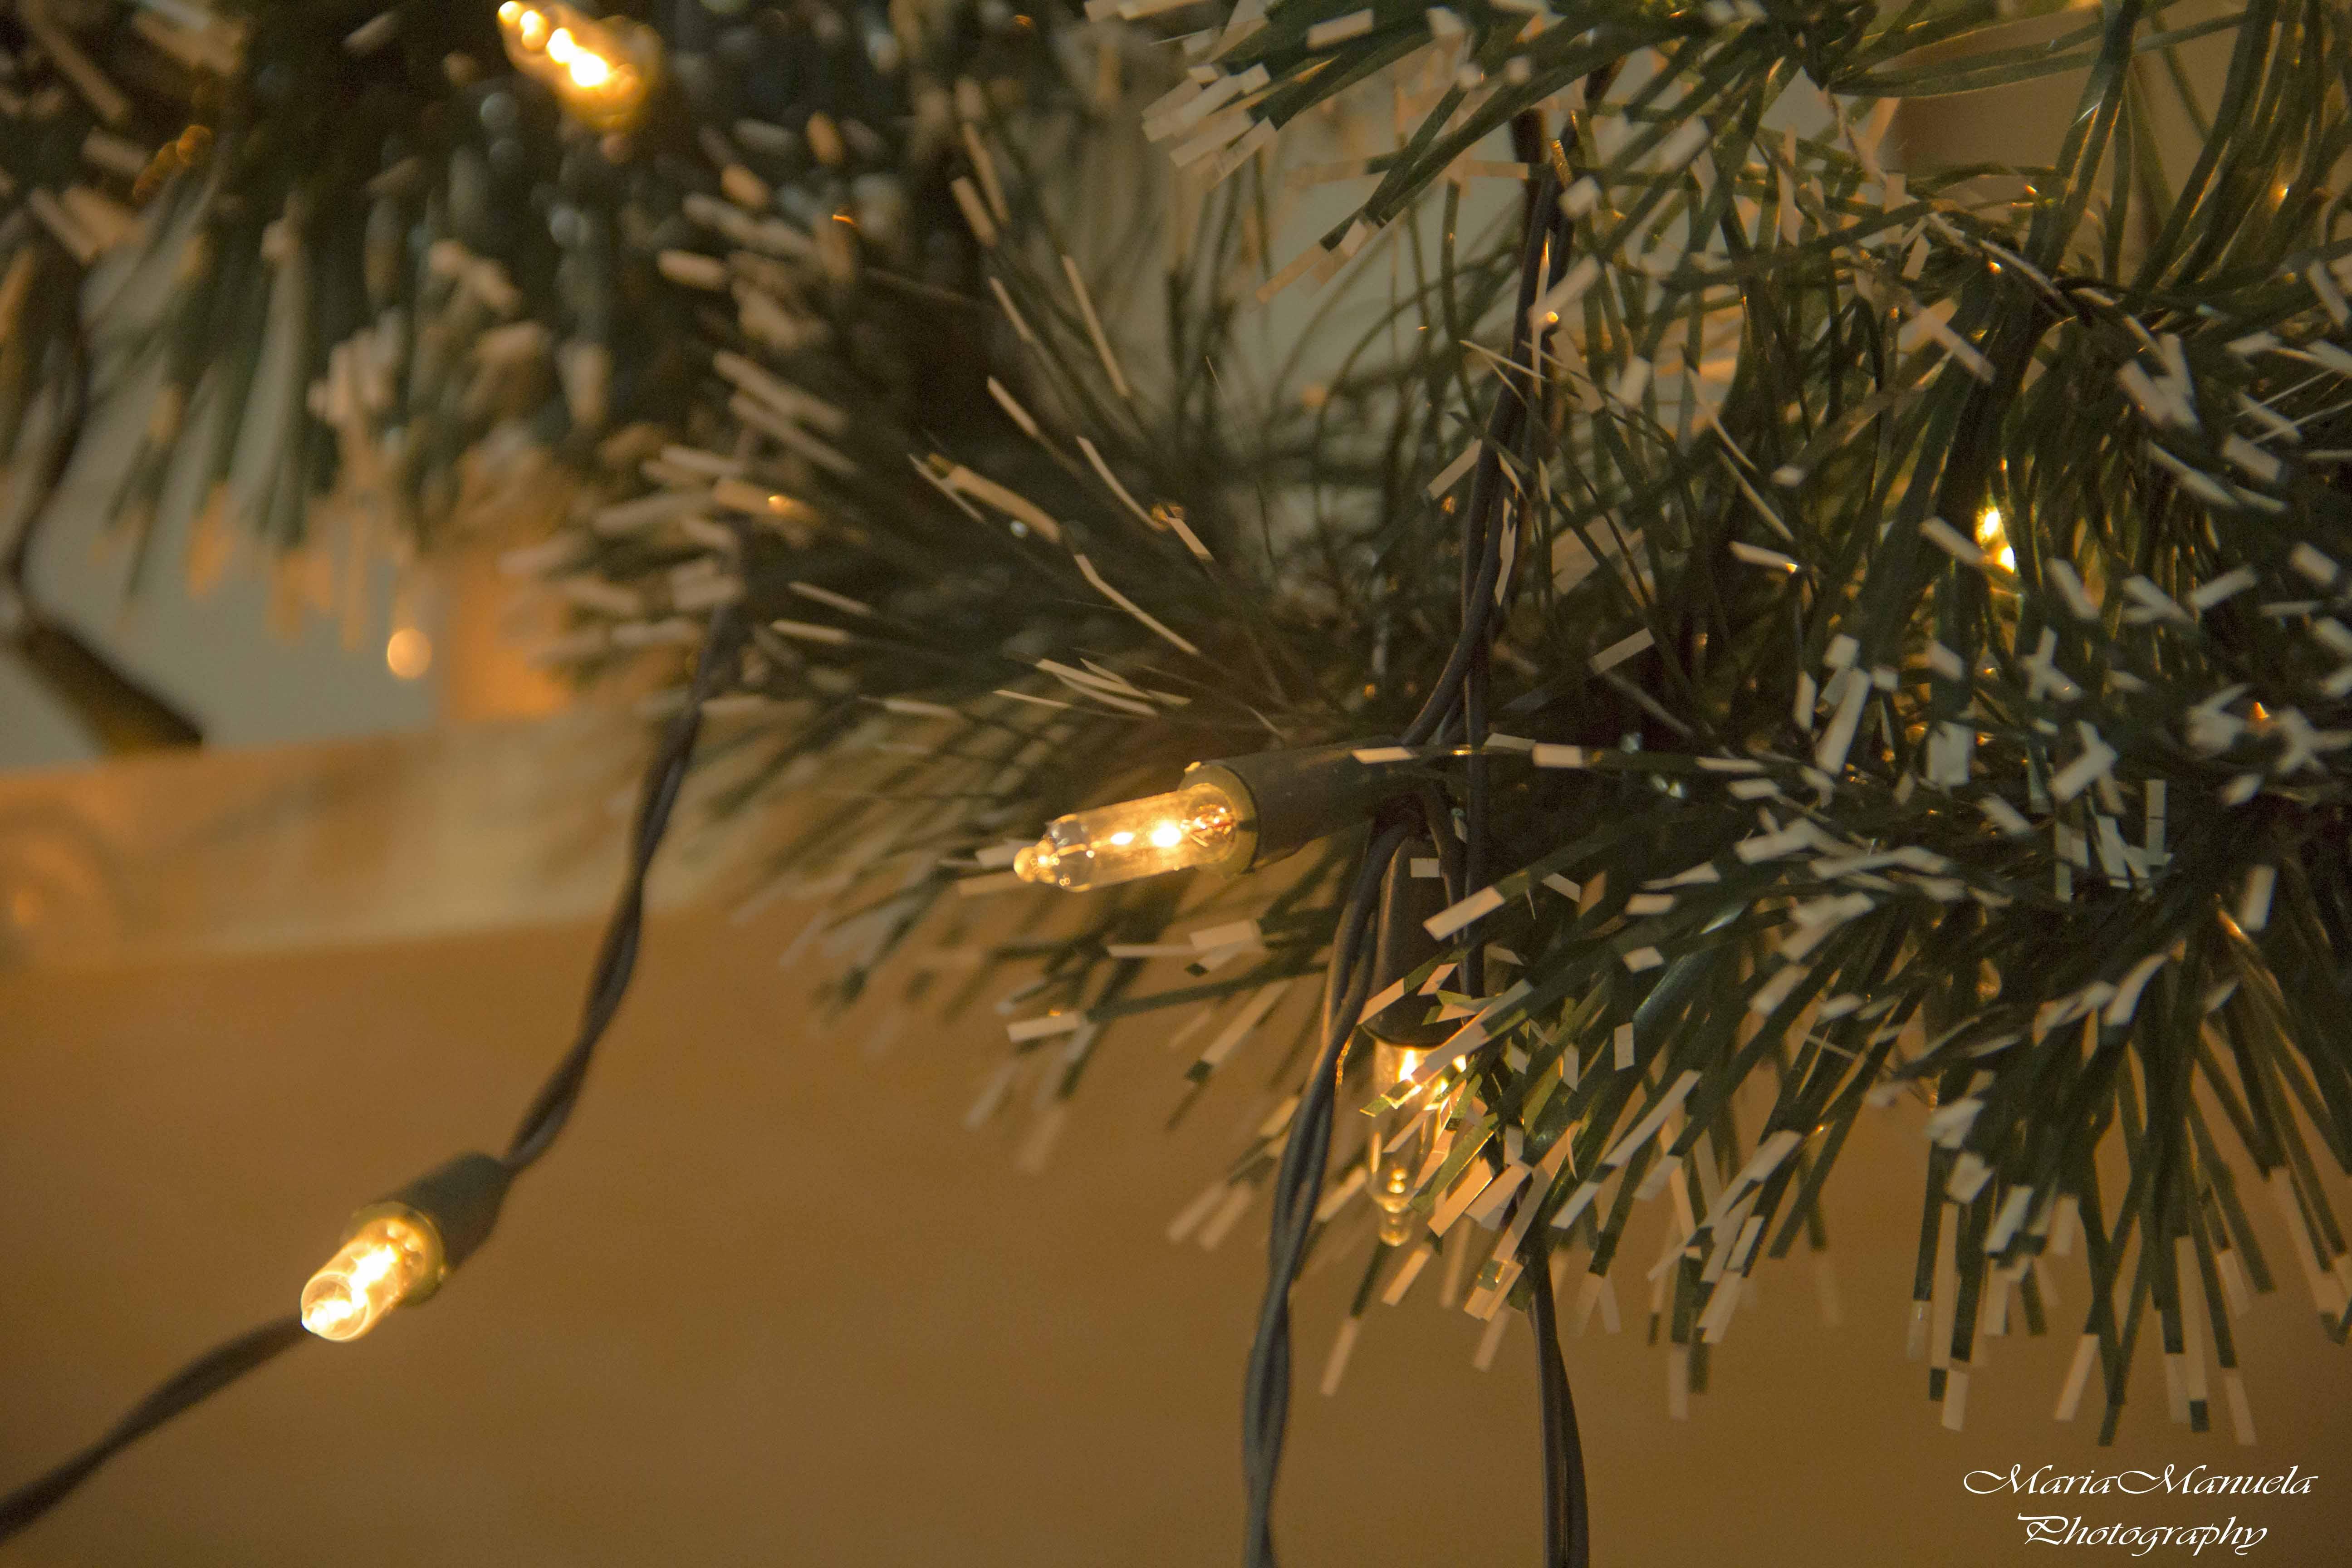 foto de Wallpaper : sunlight, lights, photography, closeup, branch ...